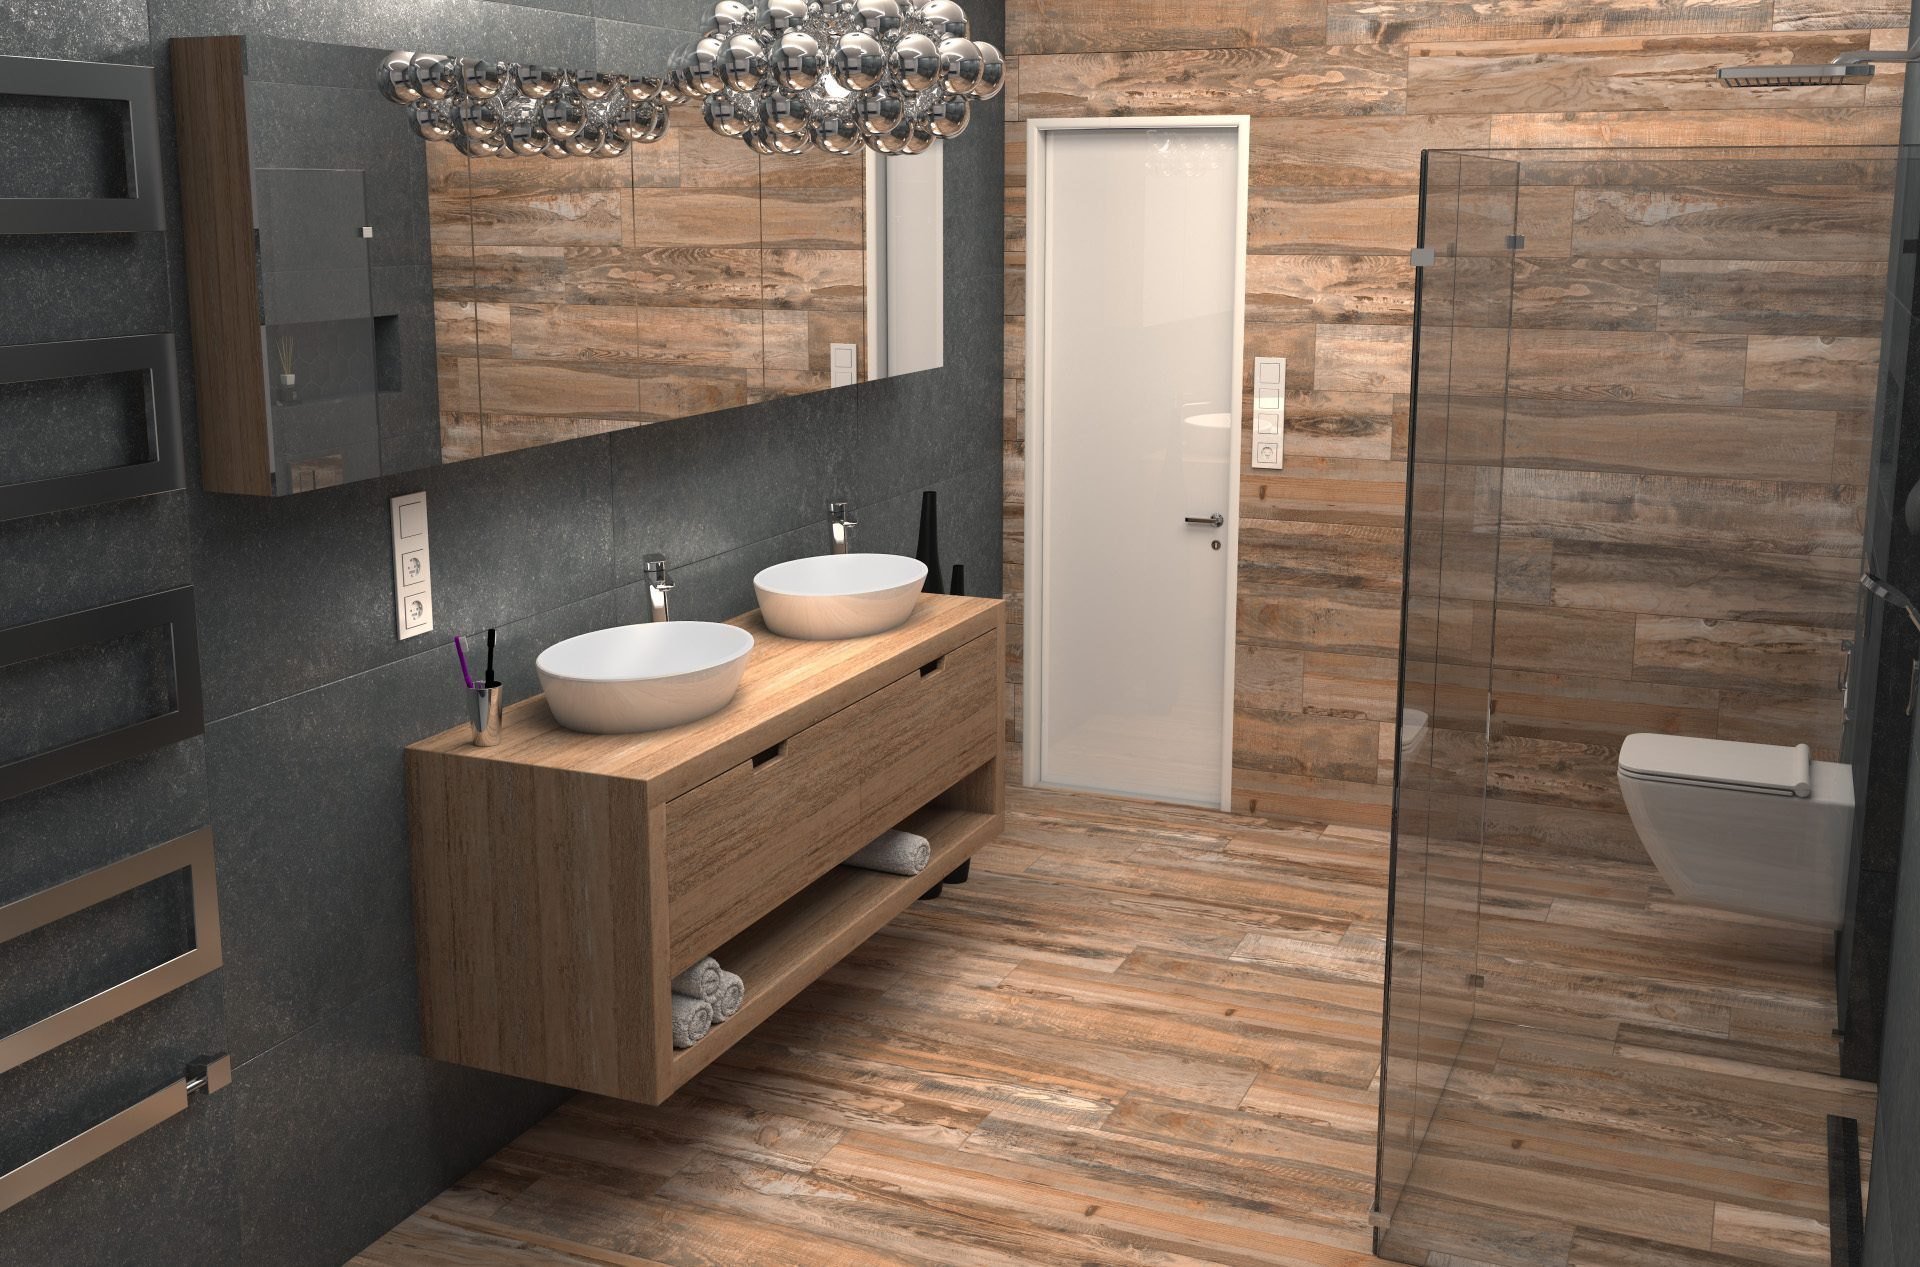 3D-визуализация интерьера ванной комнаты для ТМ Estima © 3DADDY STUDIO